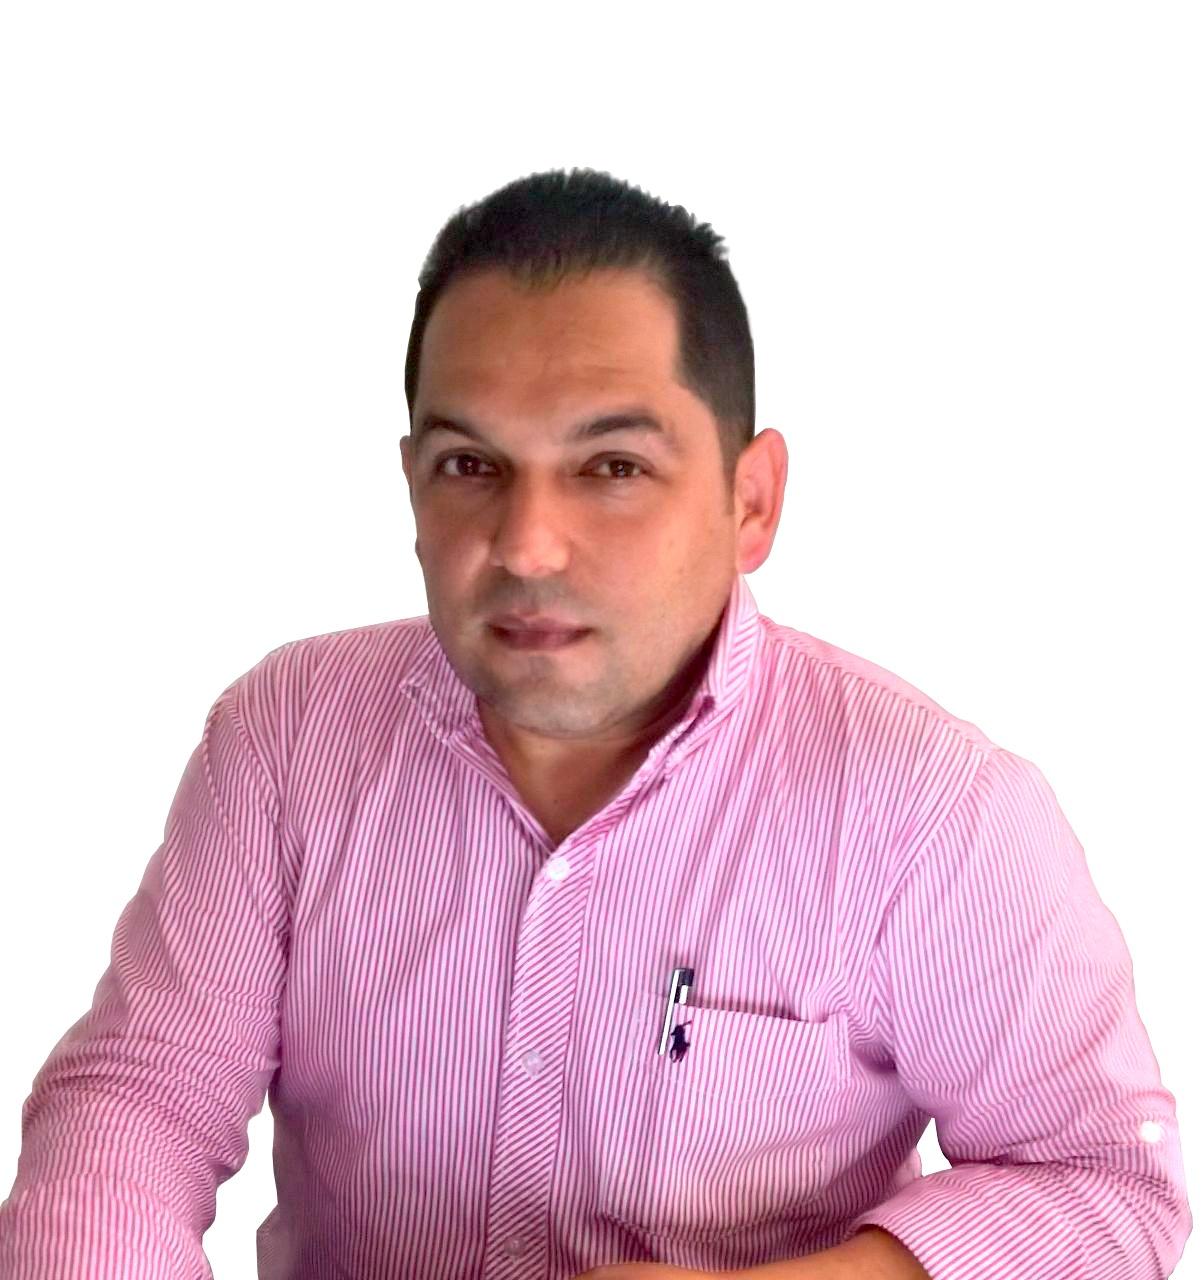 Andrés Velez